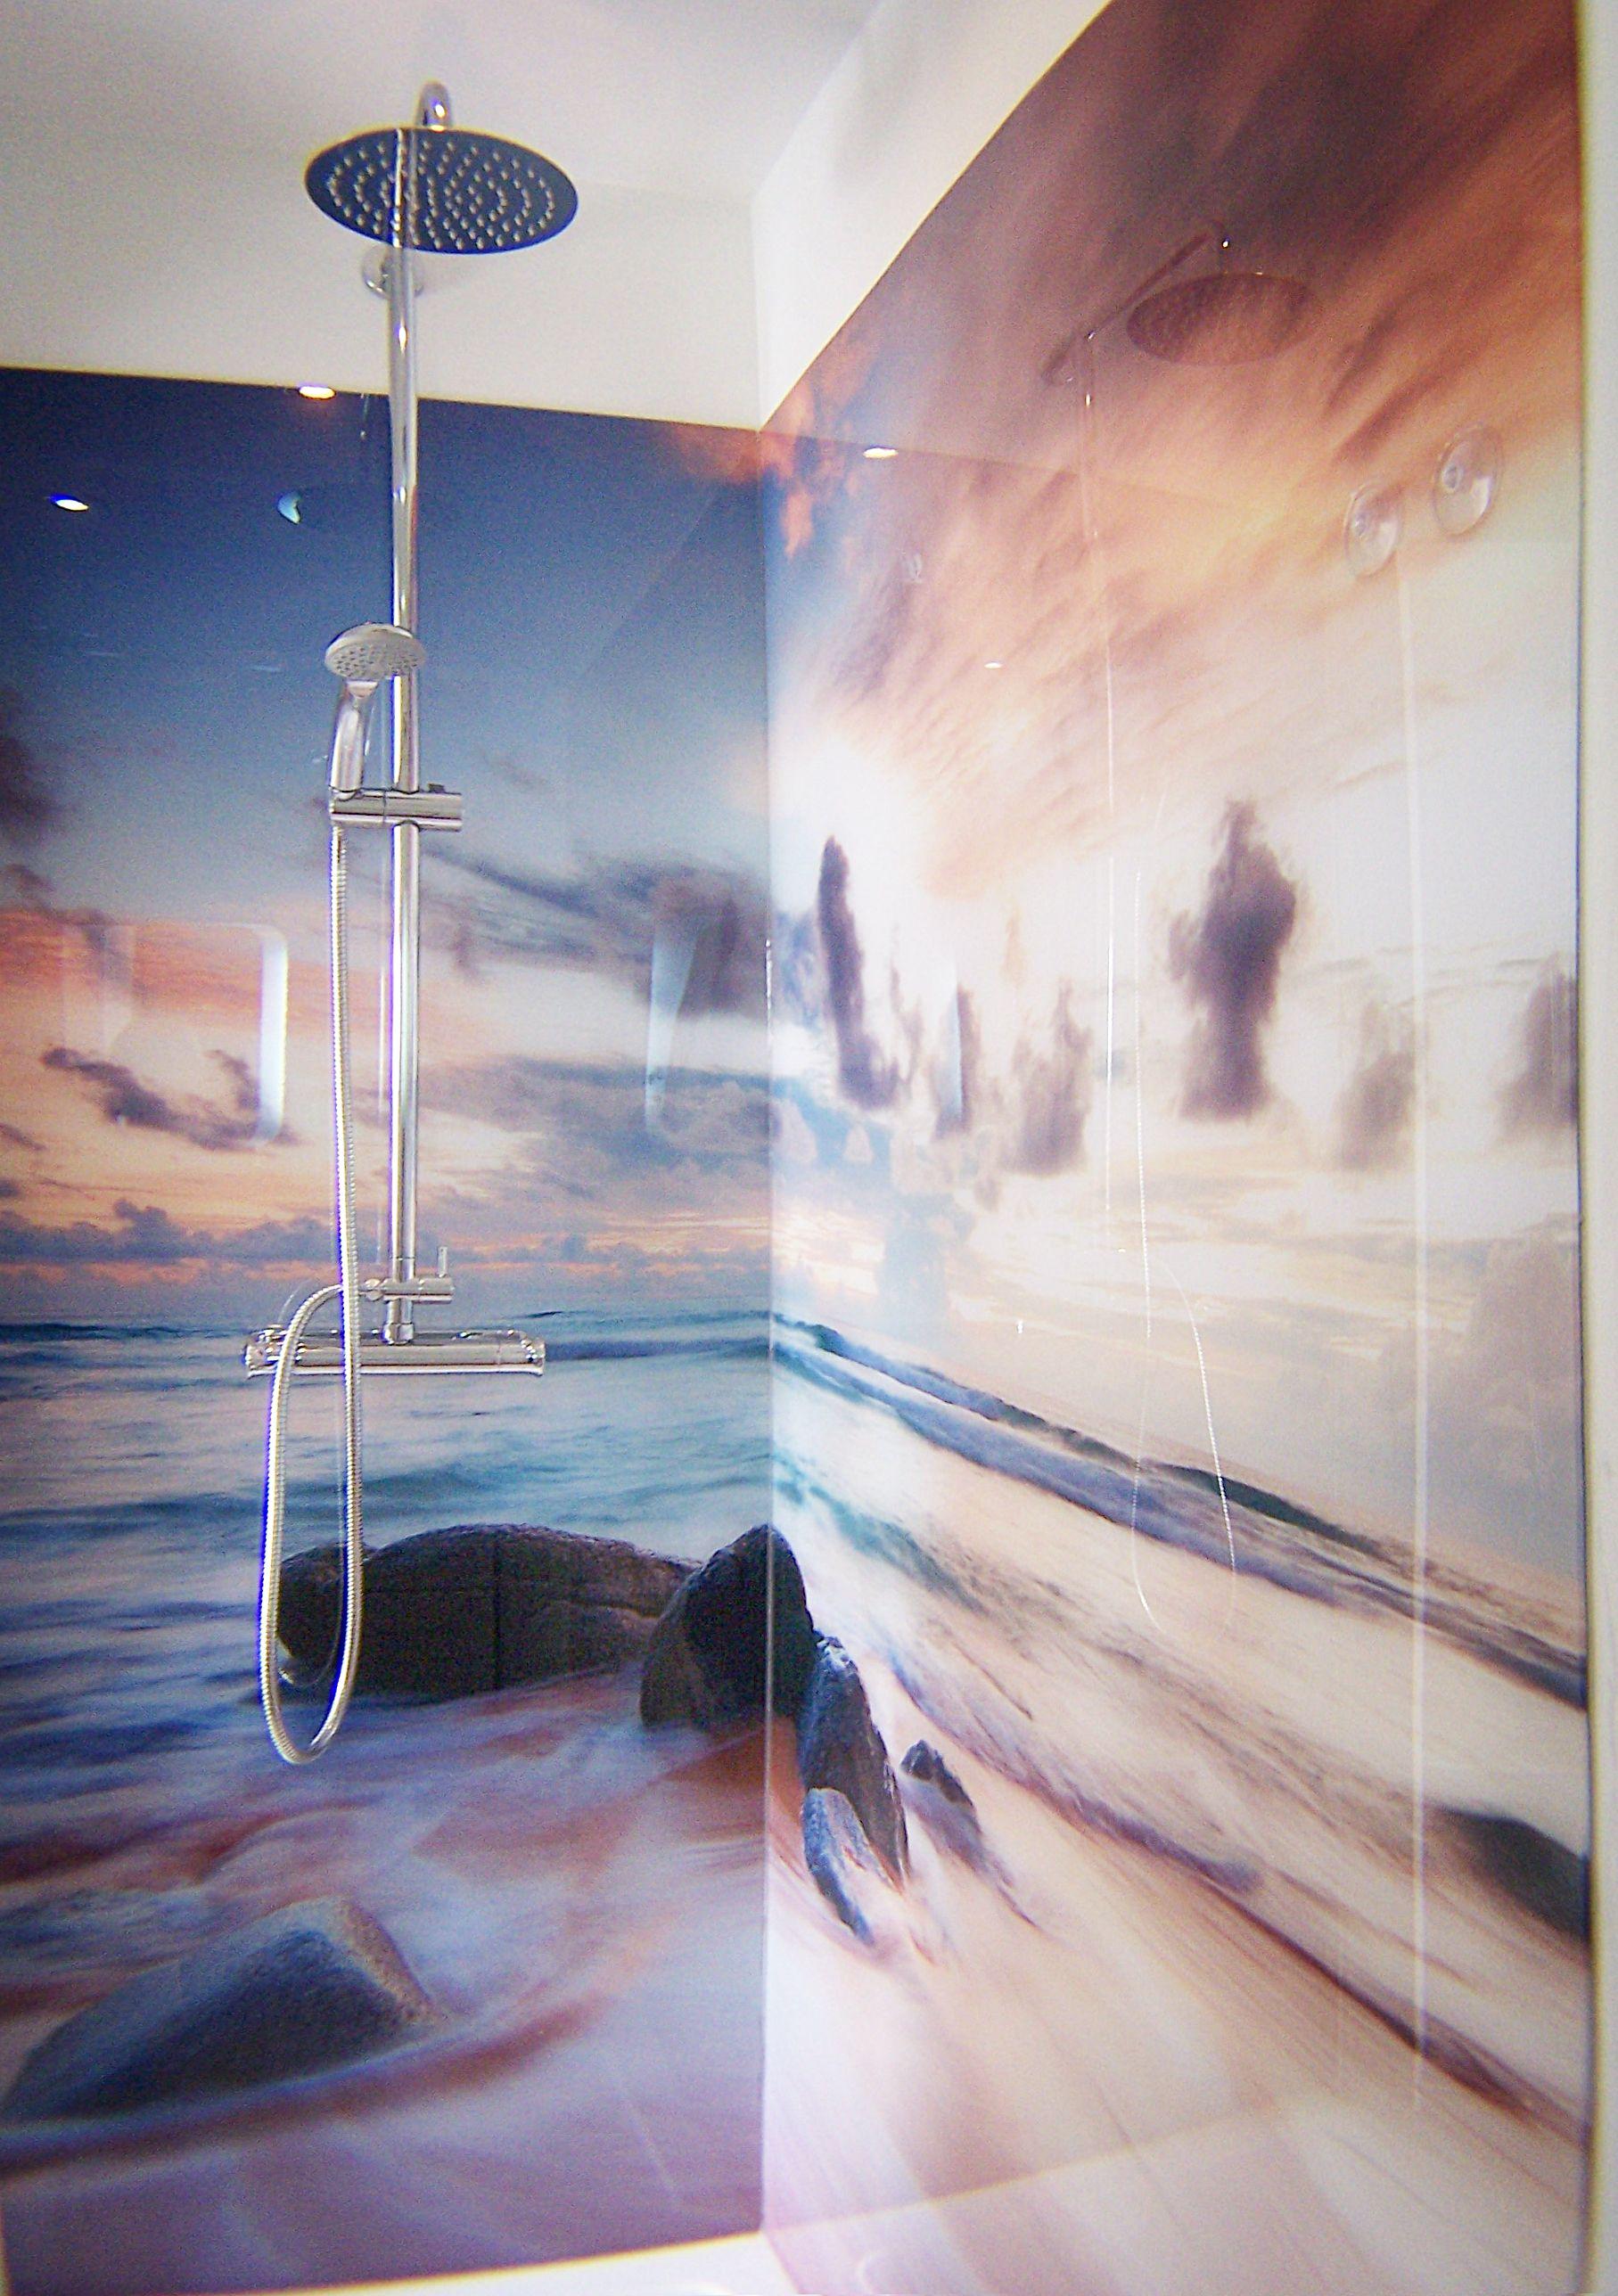 Printed Acrylic Bathroom Wall Panels Bathroom Wall Decor Amazing Bathrooms Bathroom Wall Panels